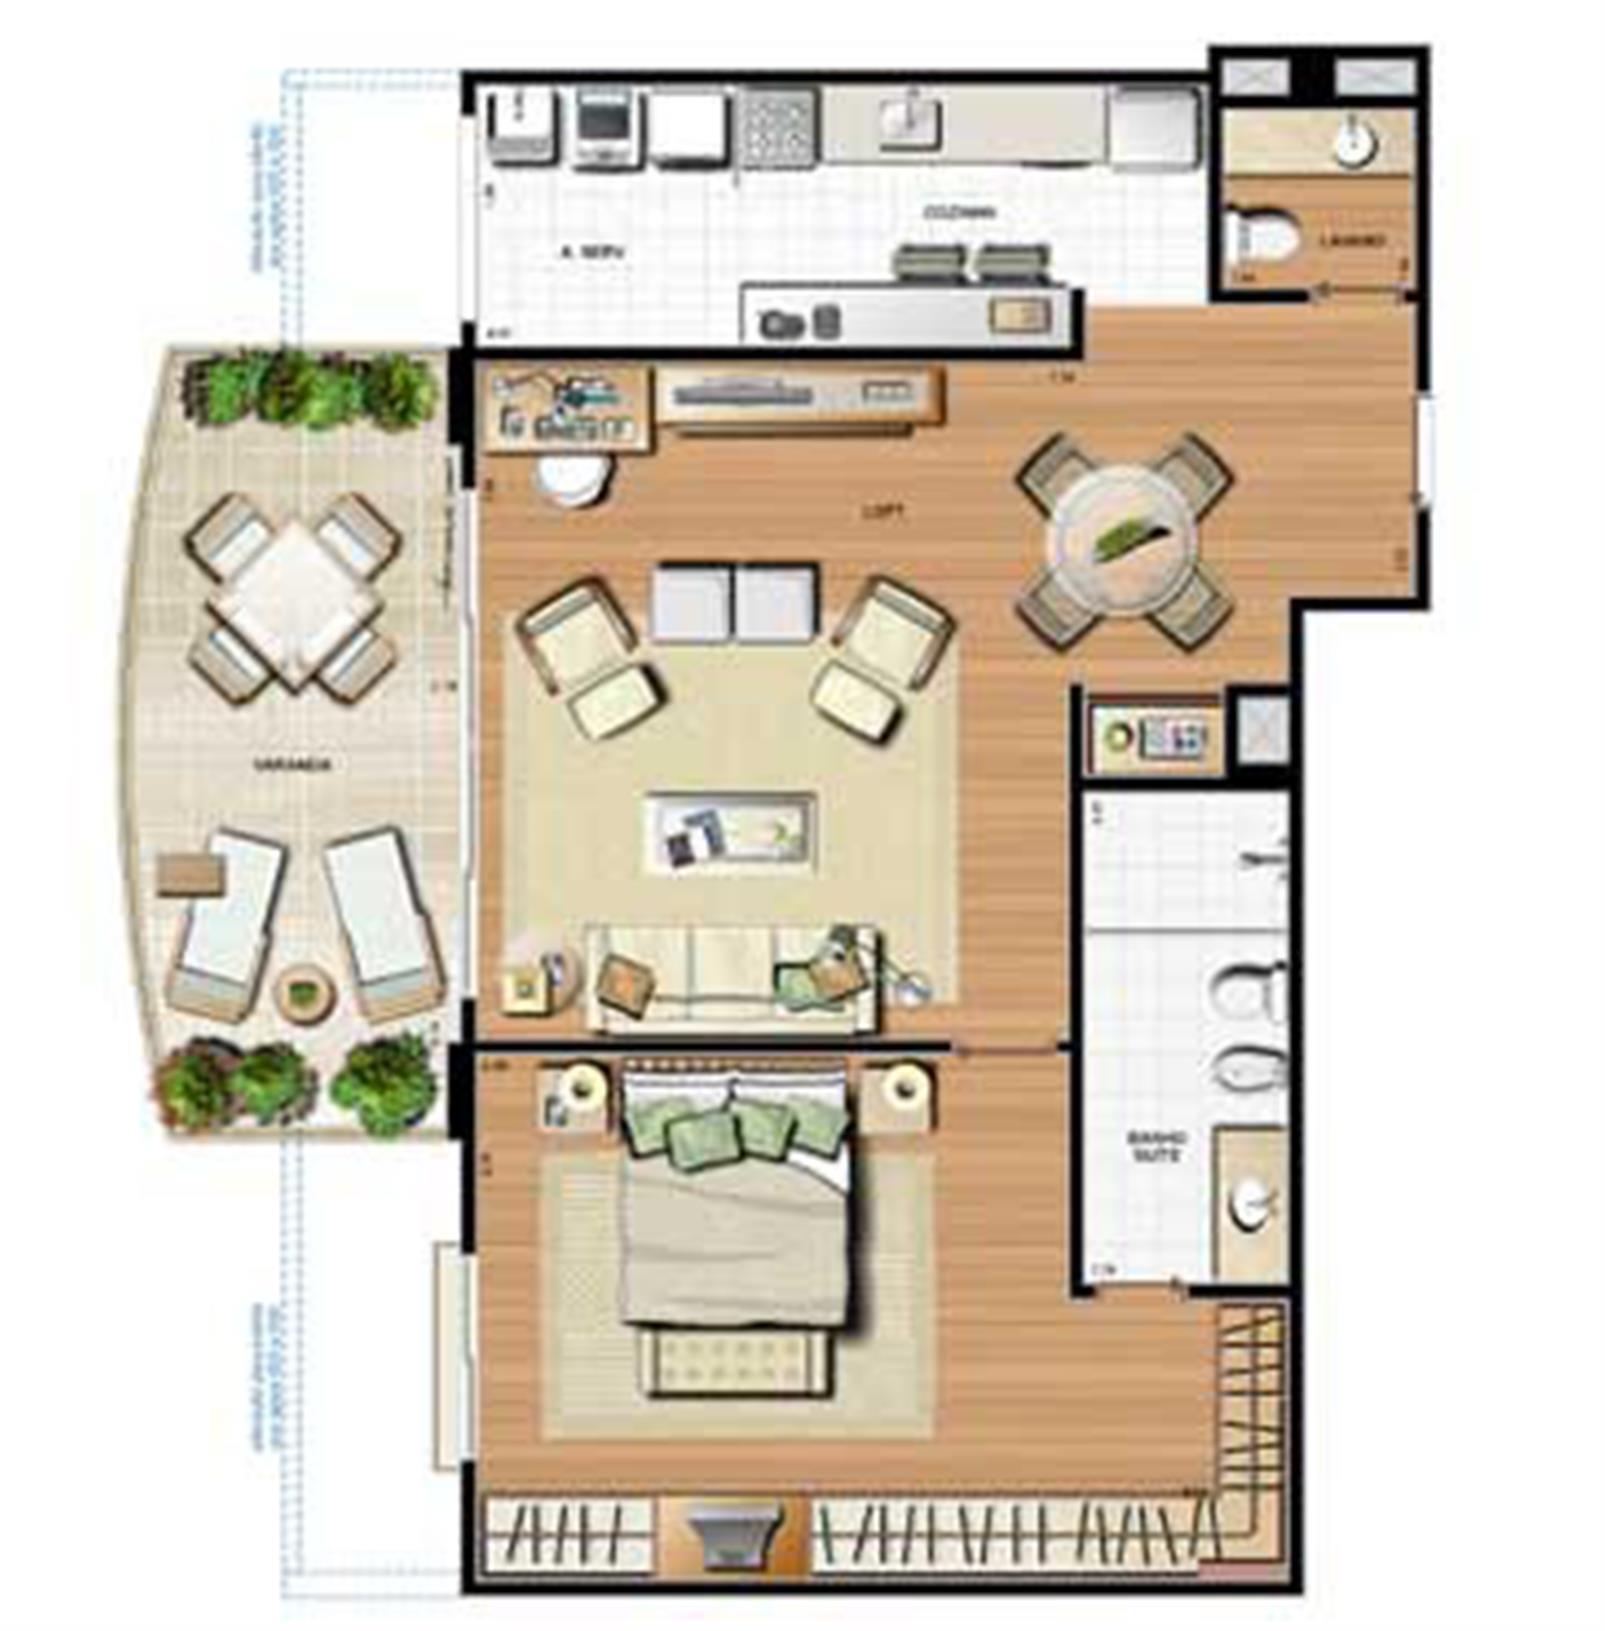 Planta 100.26m² | Le Parc Residential Resort – Apartamentona  Barra da Tijuca - Rio de Janeiro - Rio de Janeiro